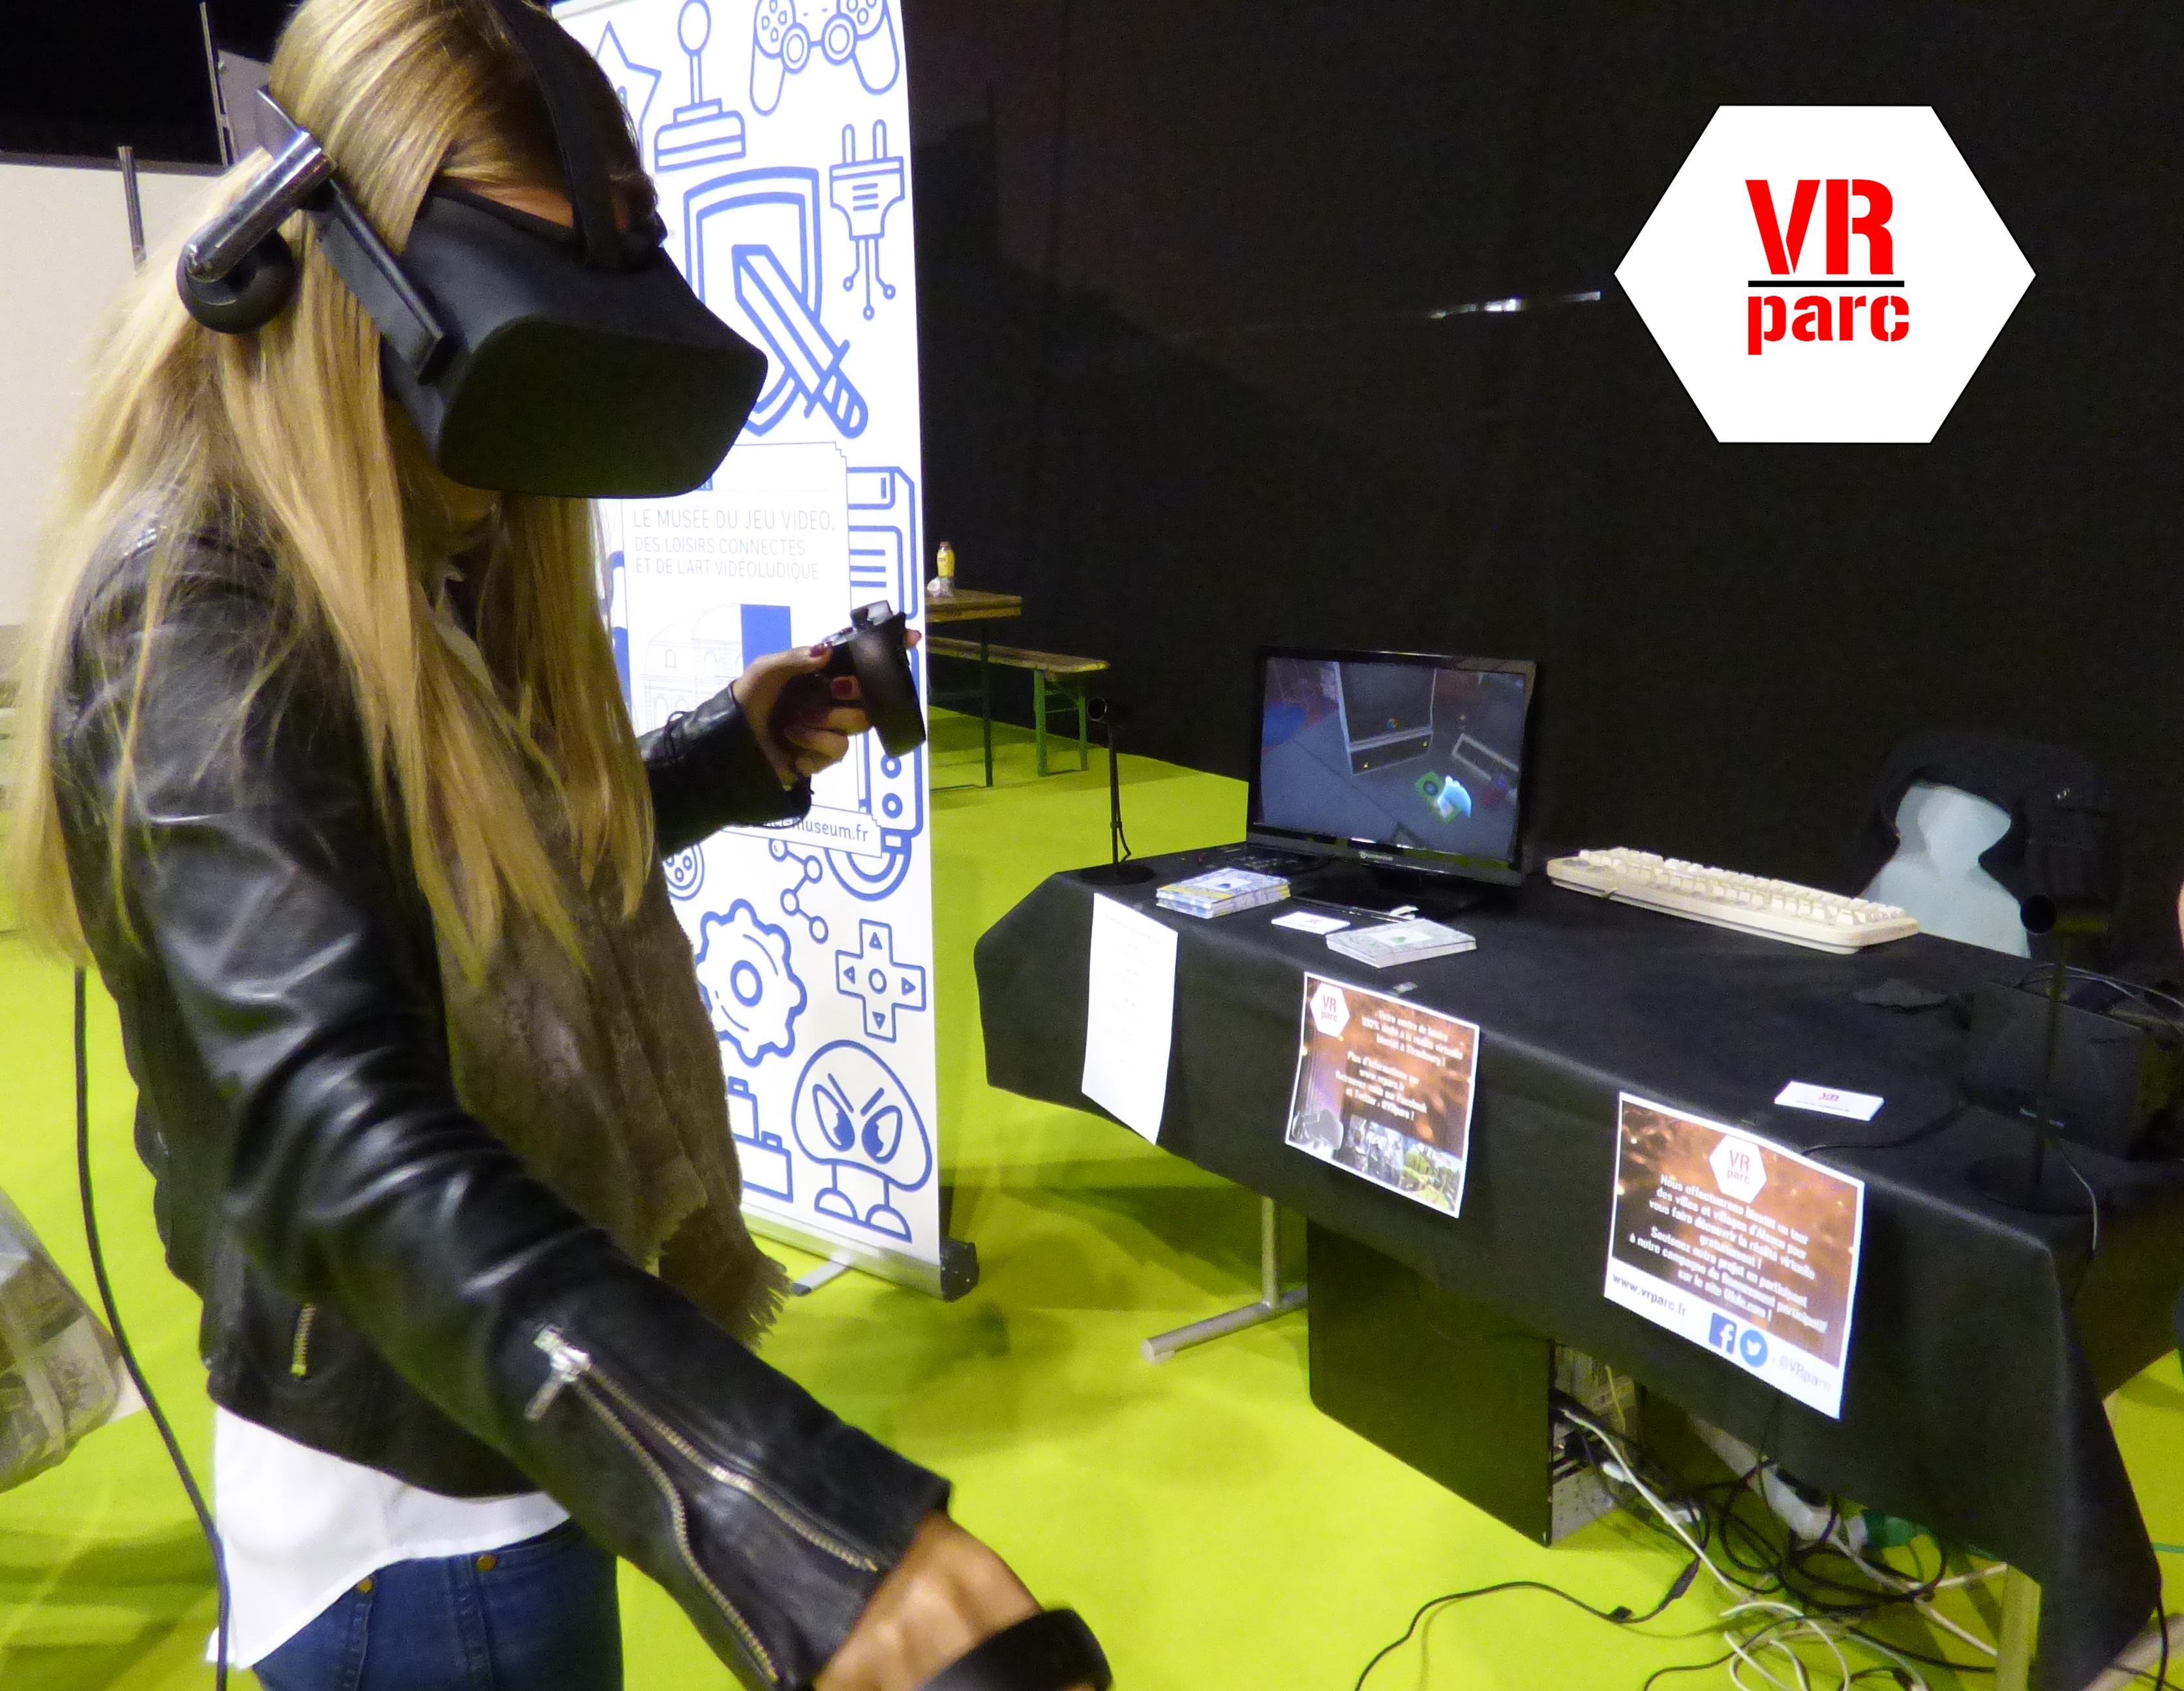 VRparc : Le projet de centre de loisirs entièrement dédié à la réalité virtuelle lance son crowdfunding pour son Tour d'Alsace !